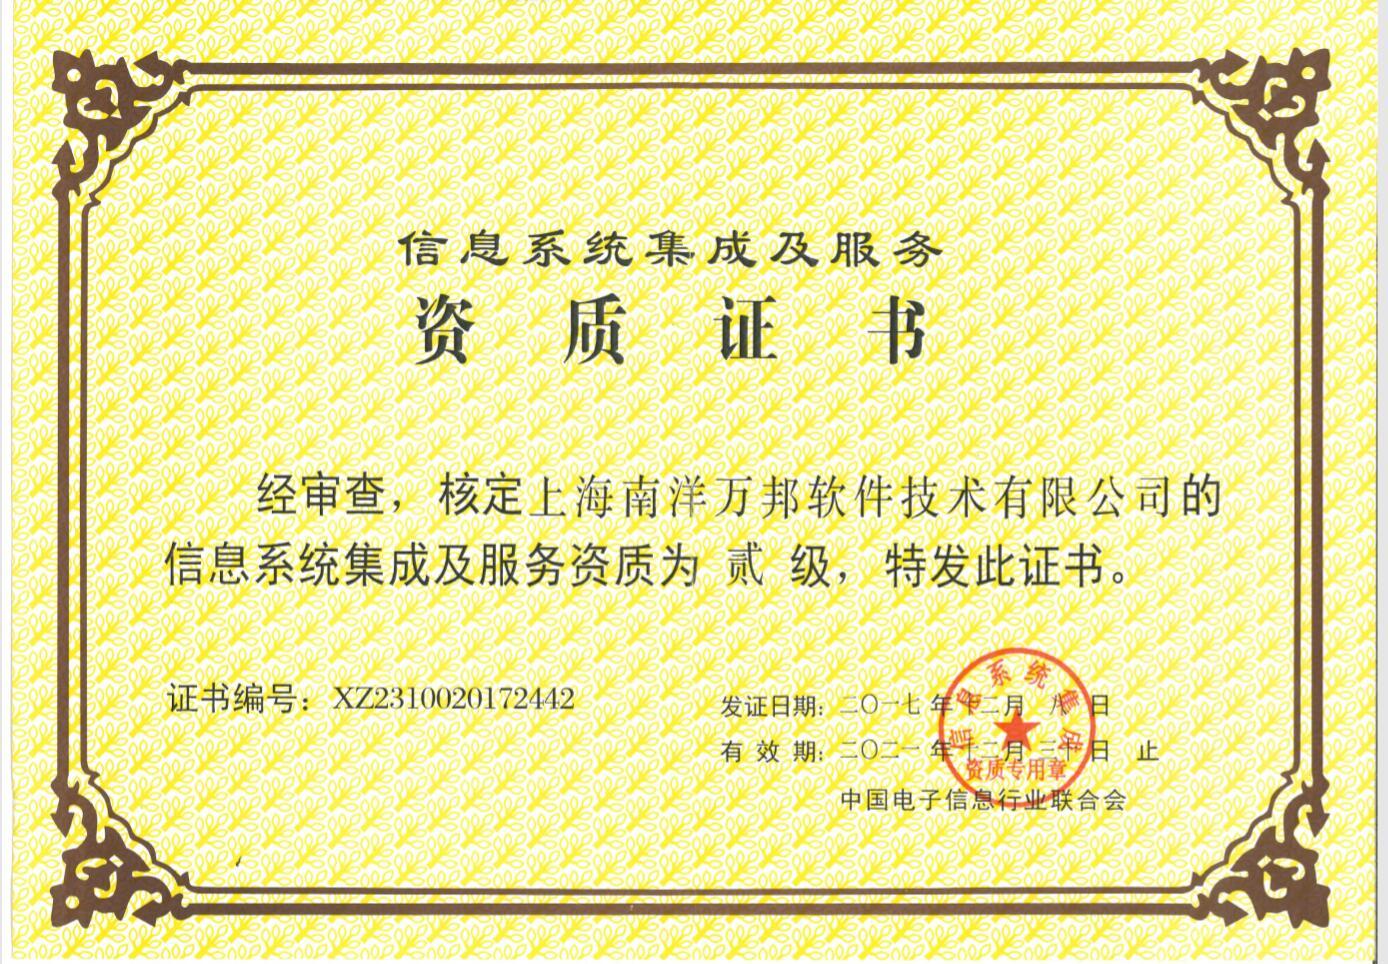 2017-【信息系统集成二级资质】